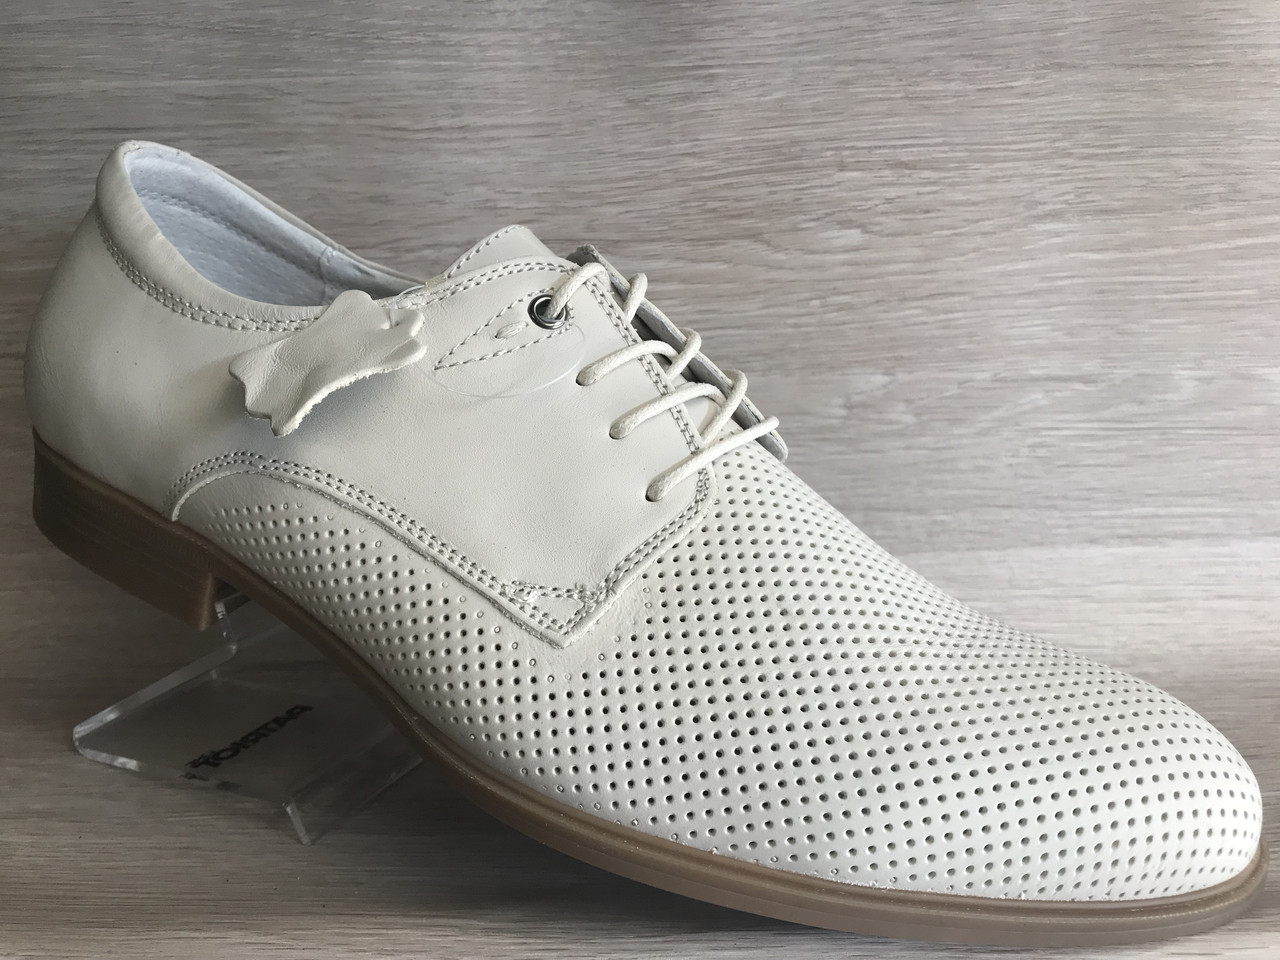 6b7ebaa86 Мужские кожаные летние туфли, перфорация: продажа, цена в Днепре ...